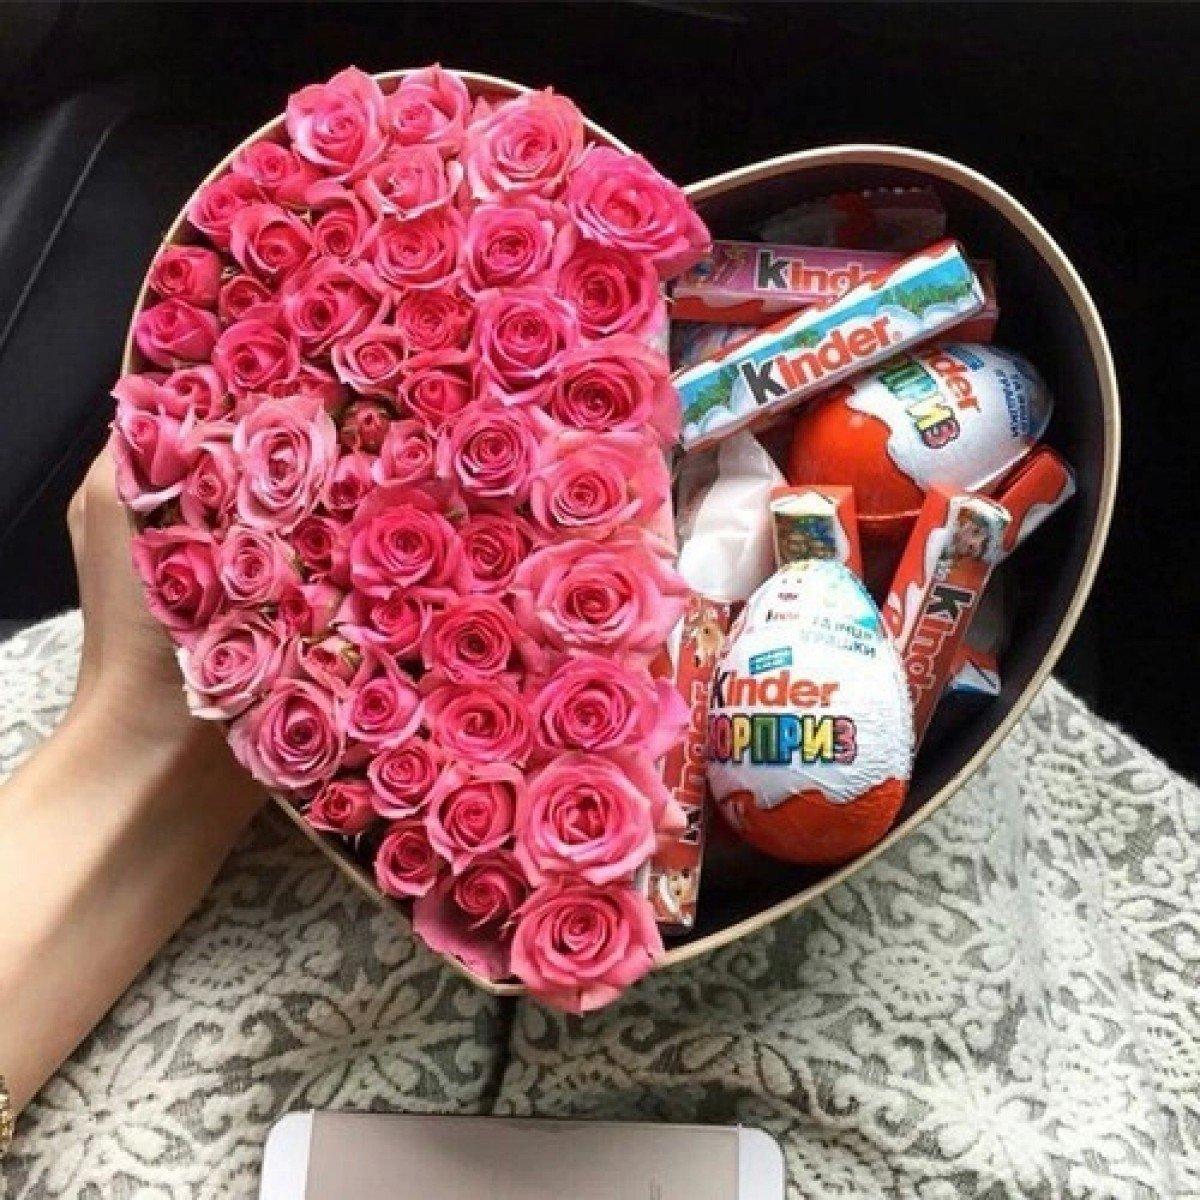 10 Elegant Valentines Day Ideas For Girlfriend valentine day gift ideas for girlfriend part time jobs 1 2021